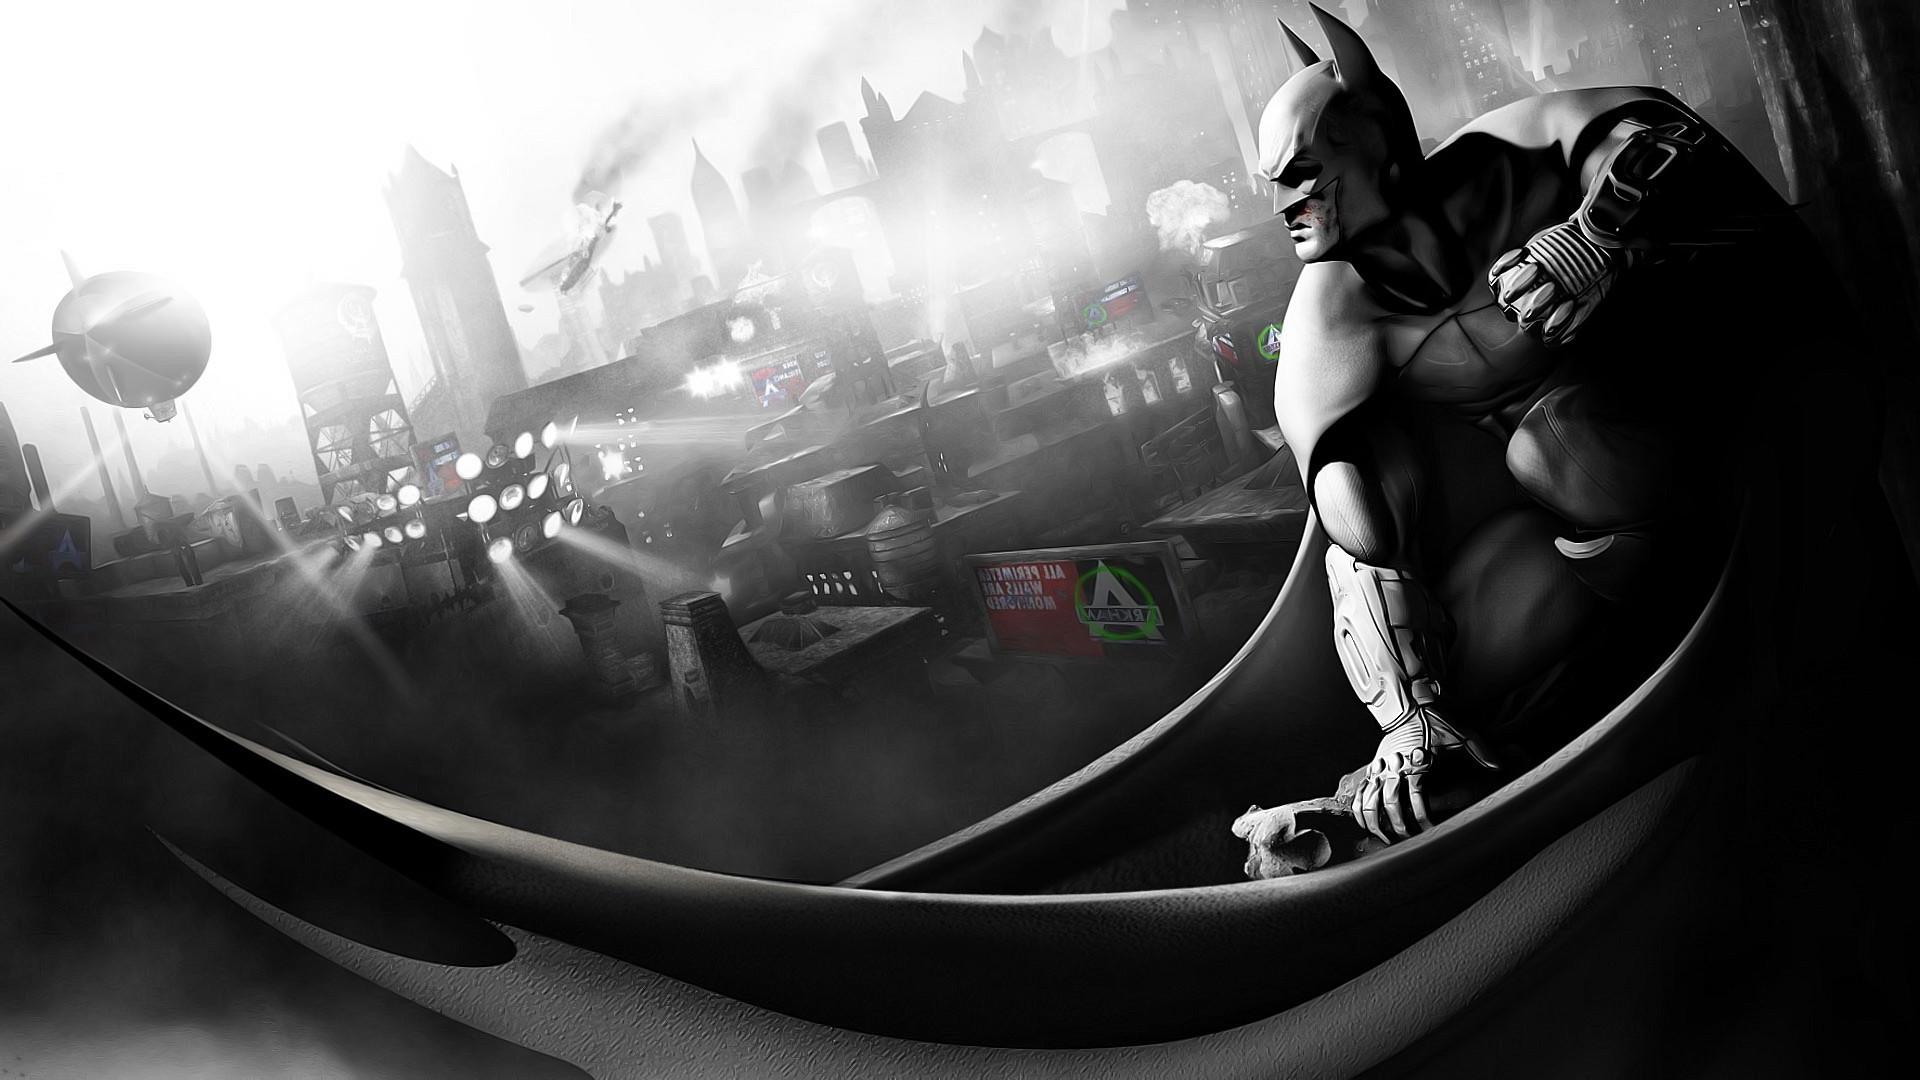 Wallpaper Batman Arkham City Light Photograph Darkness